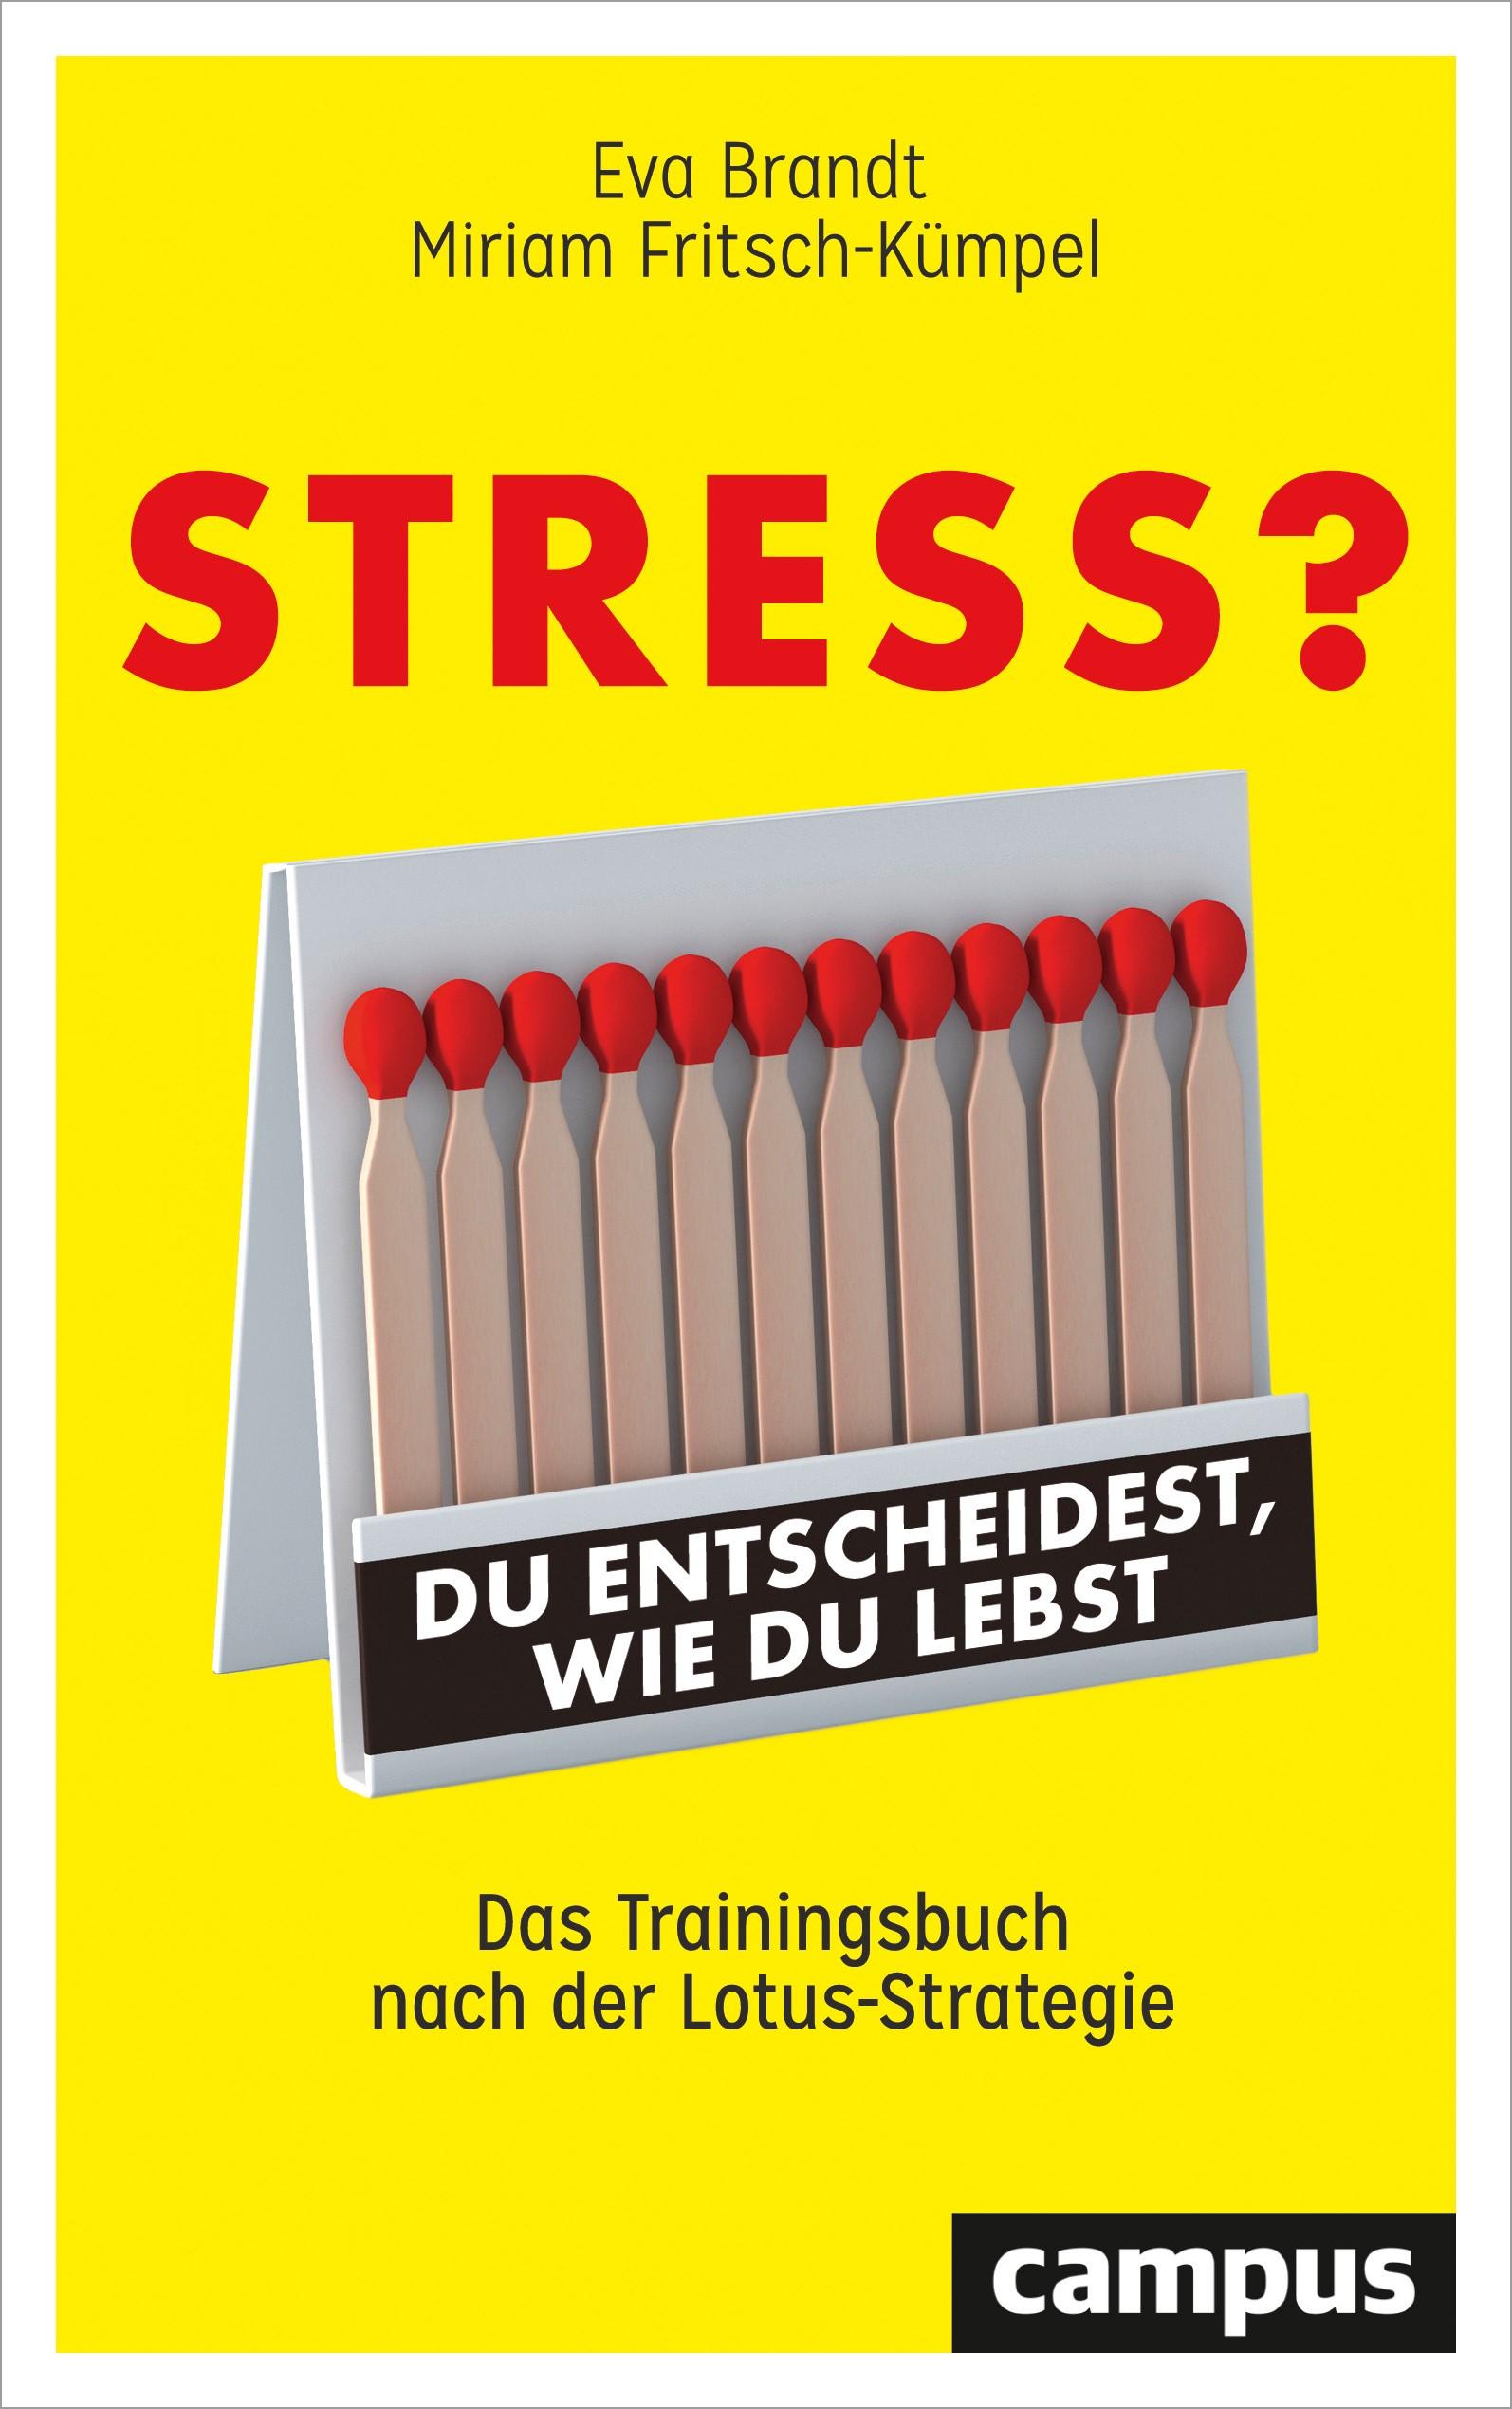 Stress? Du entscheidest, wie du lebst | Brandt / Fritsch-Kümpel, 2018 | Buch (Cover)